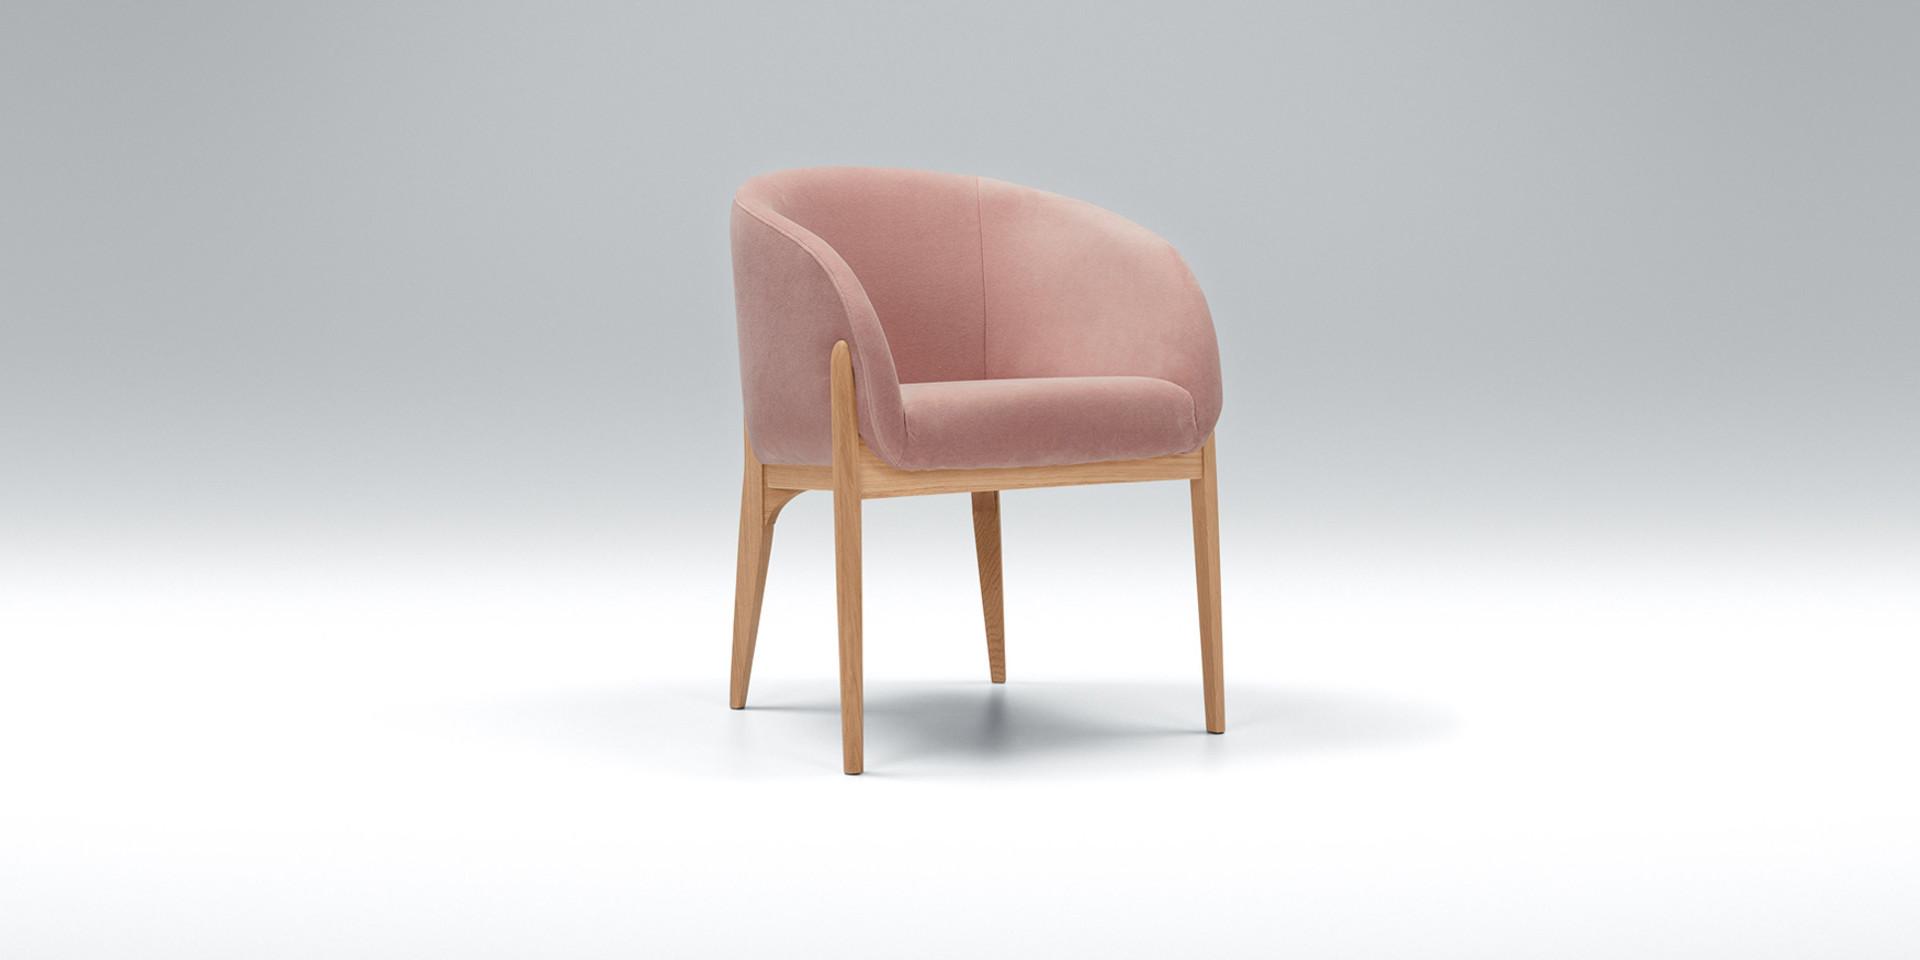 jenny_bistro_chair_malibu_velvet_8_powder_pink